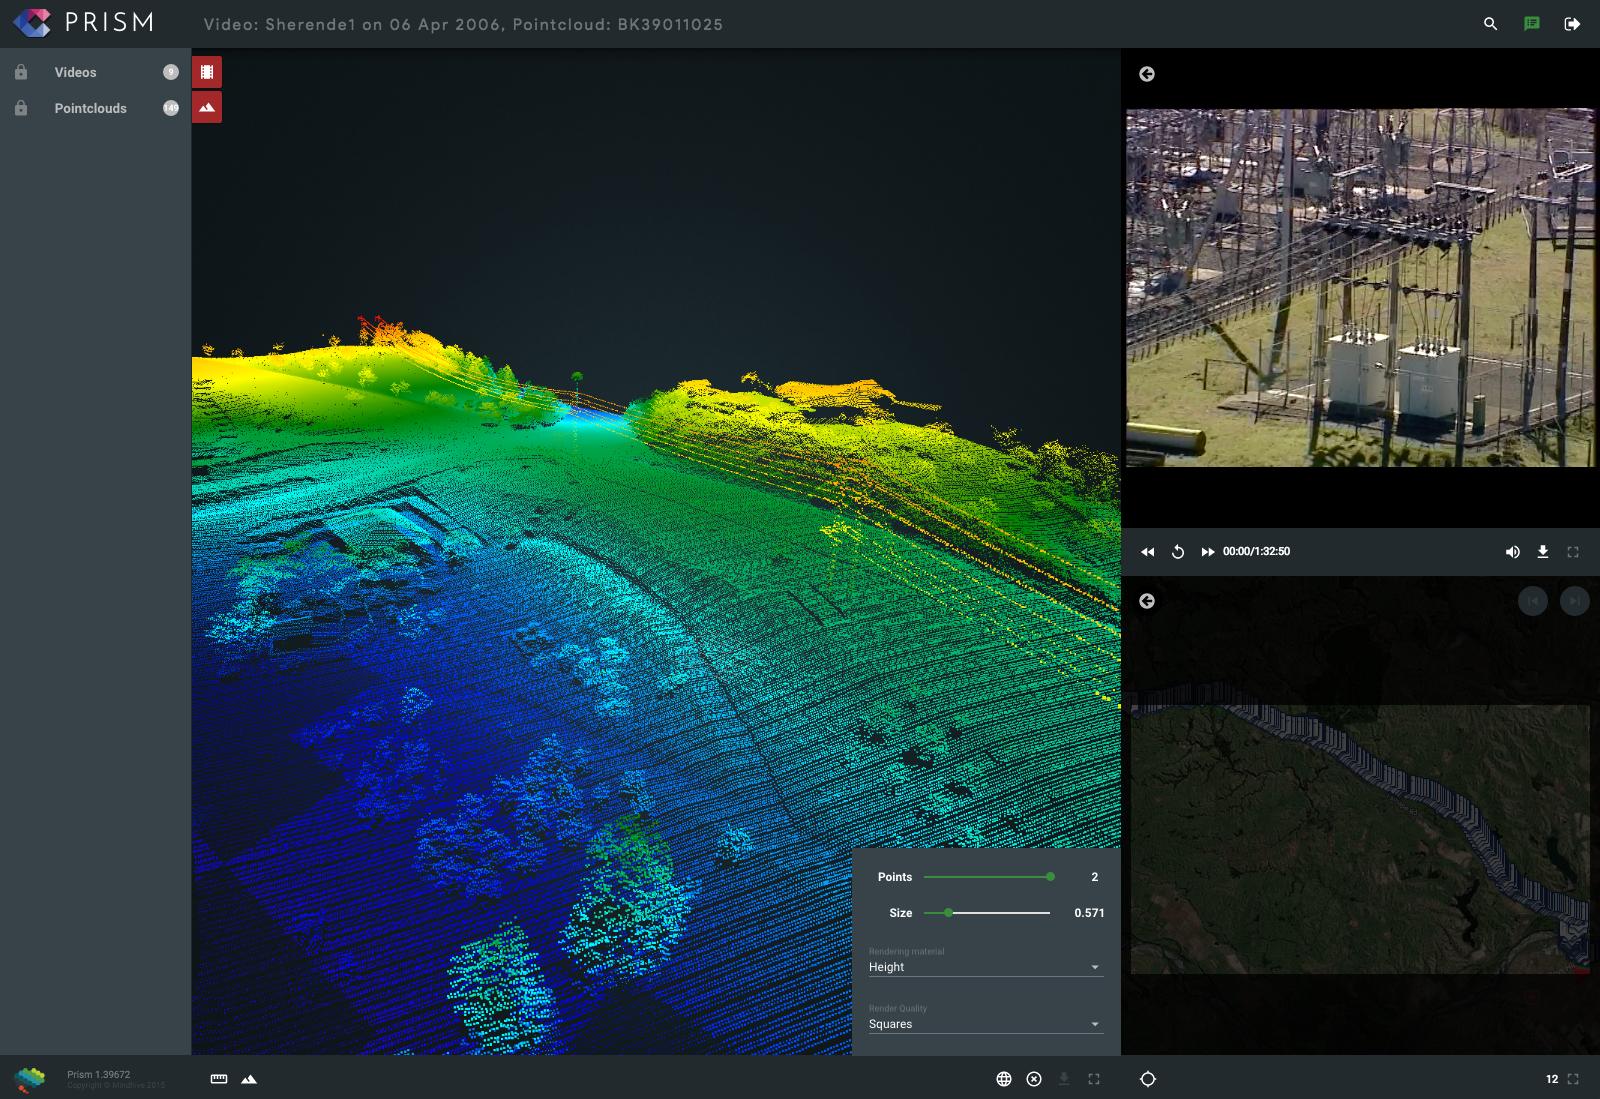 PRISM LiDAR and Aerial Video